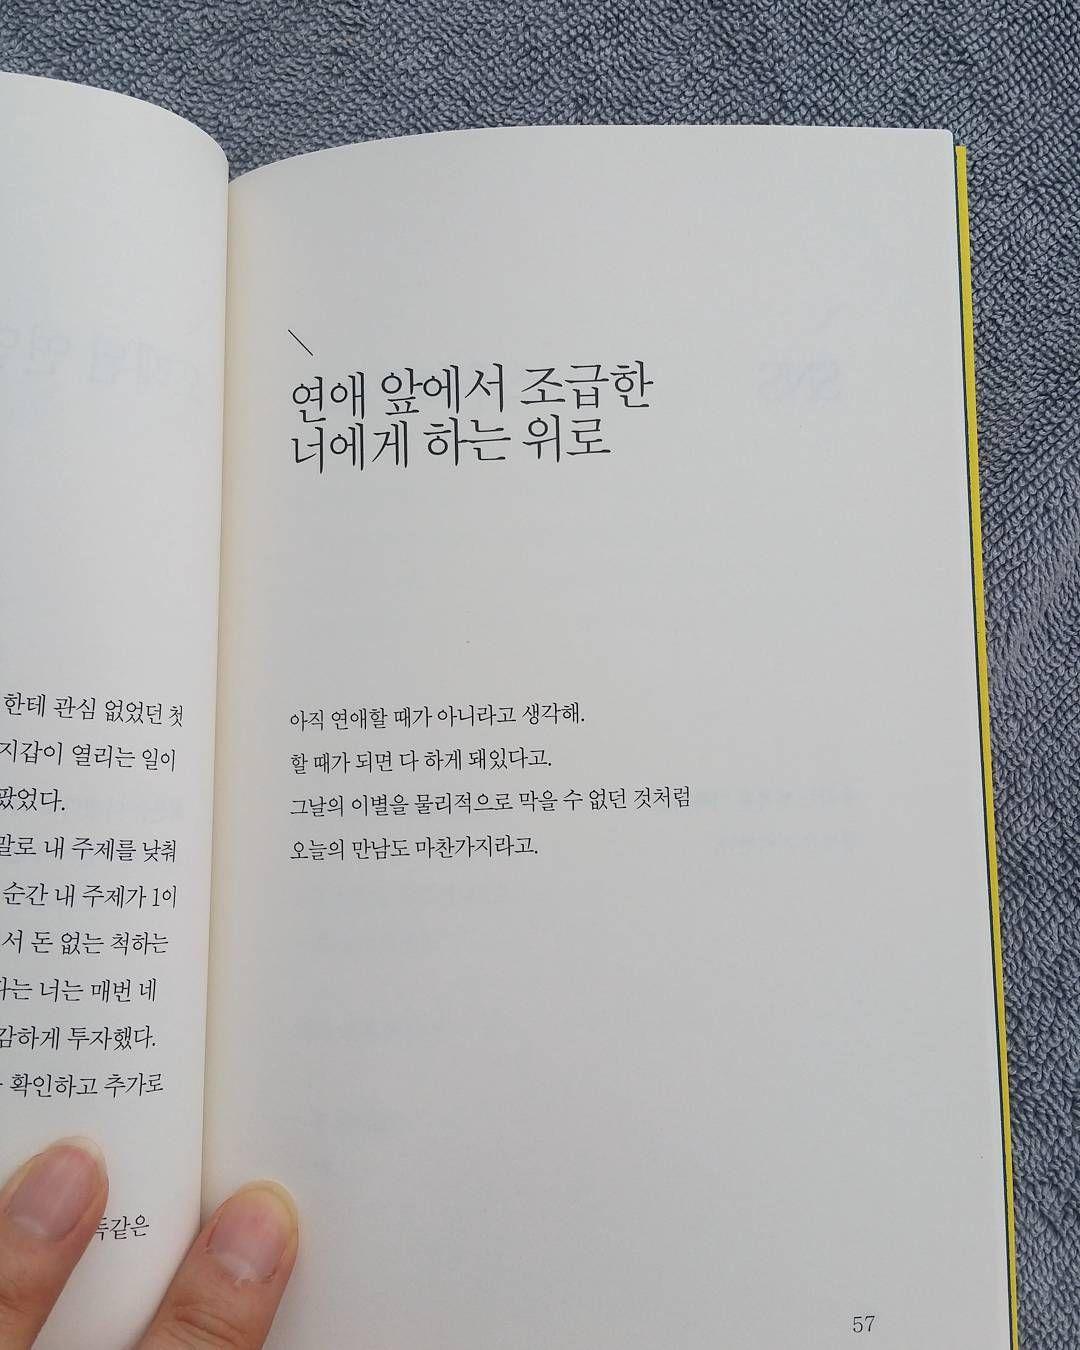 . #김은비 #꽃같거나좆같거나 #독서 #book #책 #책스타그램 #생각 #좋은글 #love #연애 #이별 #북스타그램 #인생 #사랑 #지침서 #healing #나?! by youn_e_kyung